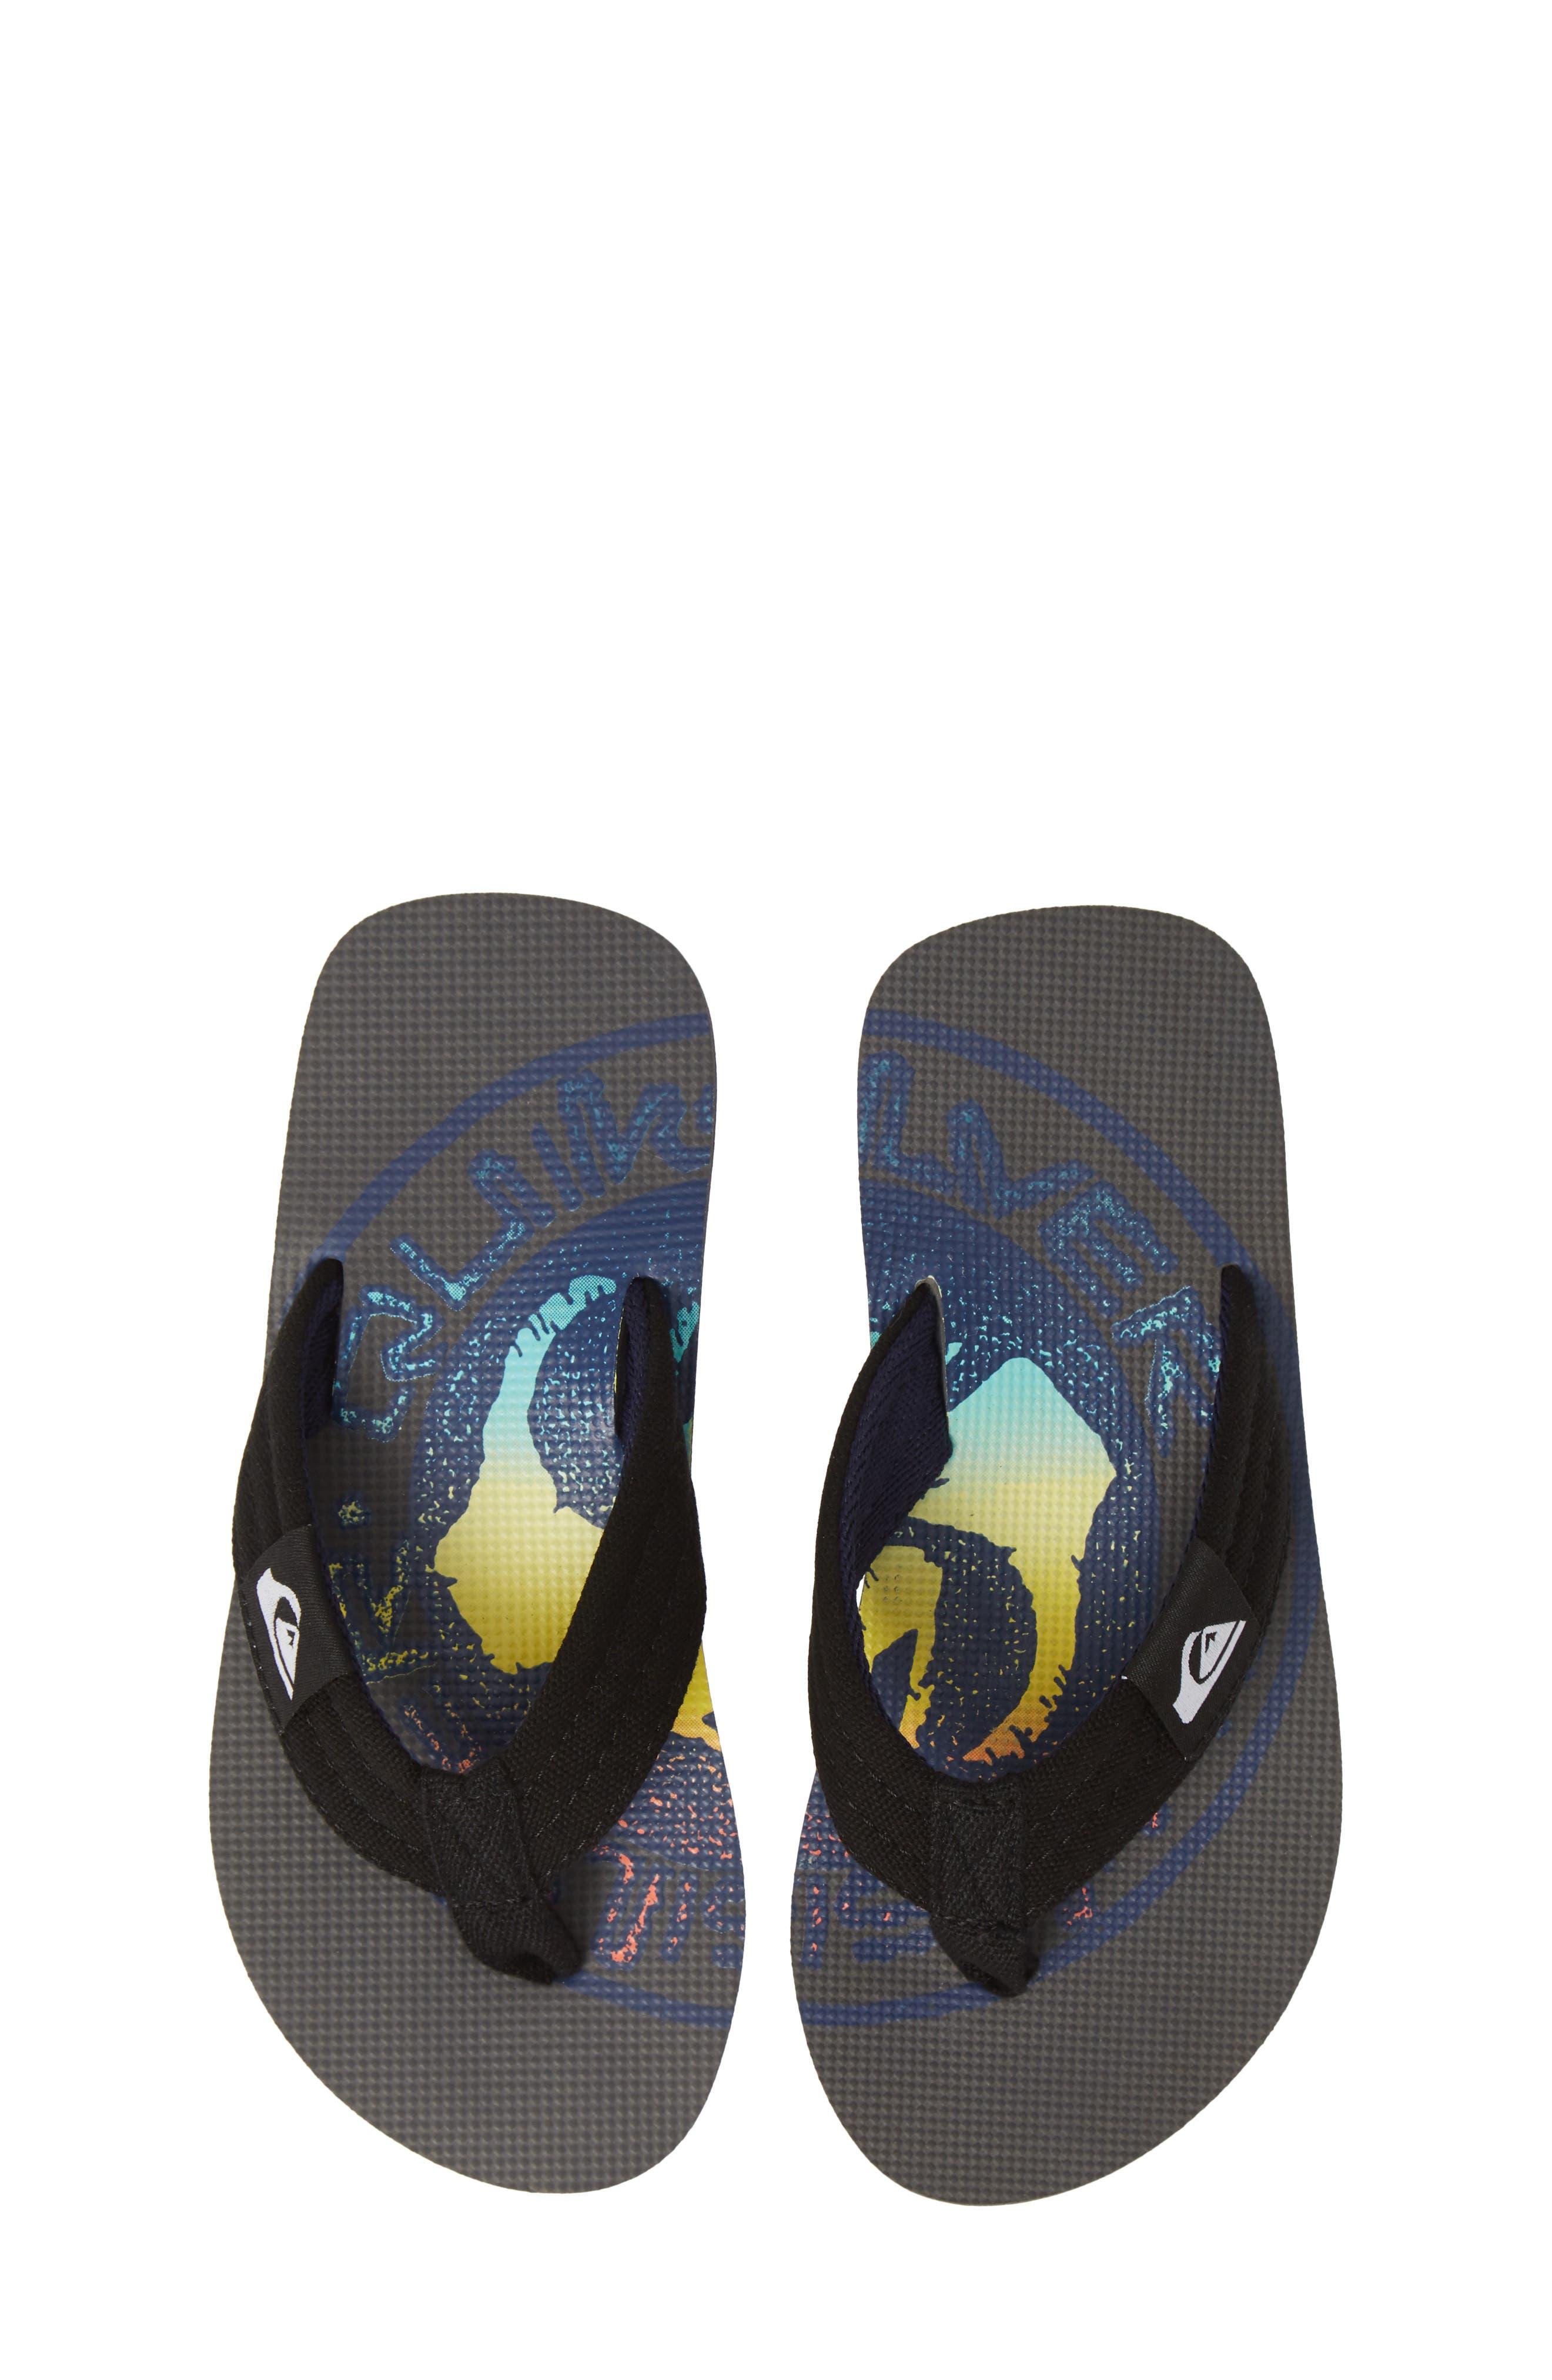 QUIKSILVER Molokai Layback Flip Flop, Main, color, GREY/ BLACK/ BLUE